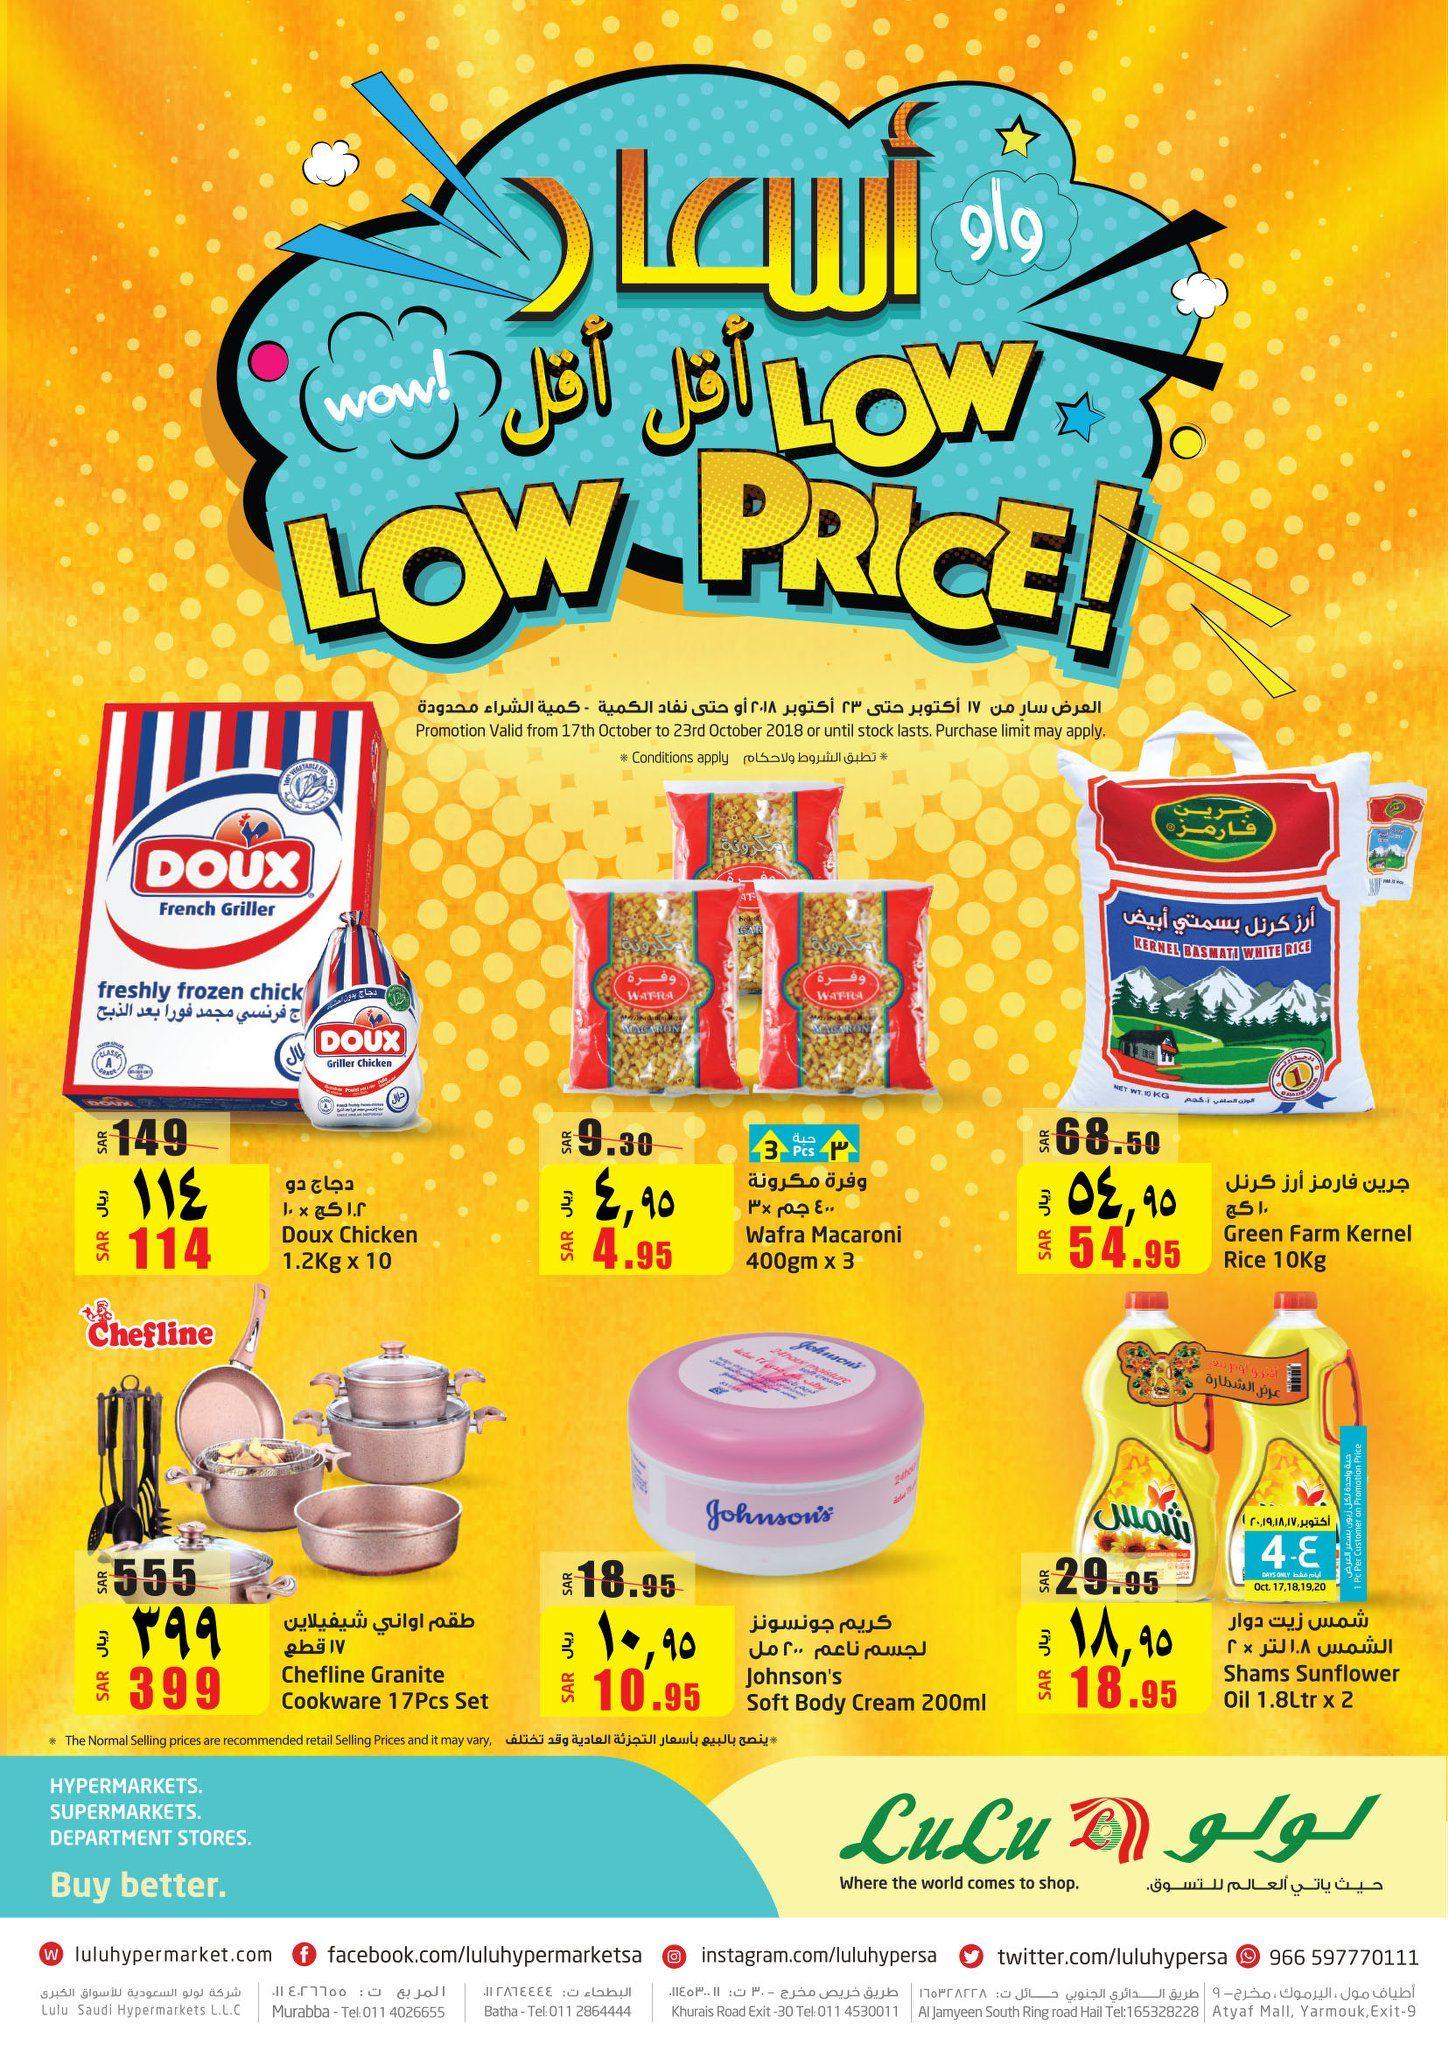 عروض لولو هايبر ماركت البطحاء اليوم الاربعاء 17 اكتوبر 2018 اسعار اقل Cereal Pops Pops Cereal Box Cereal